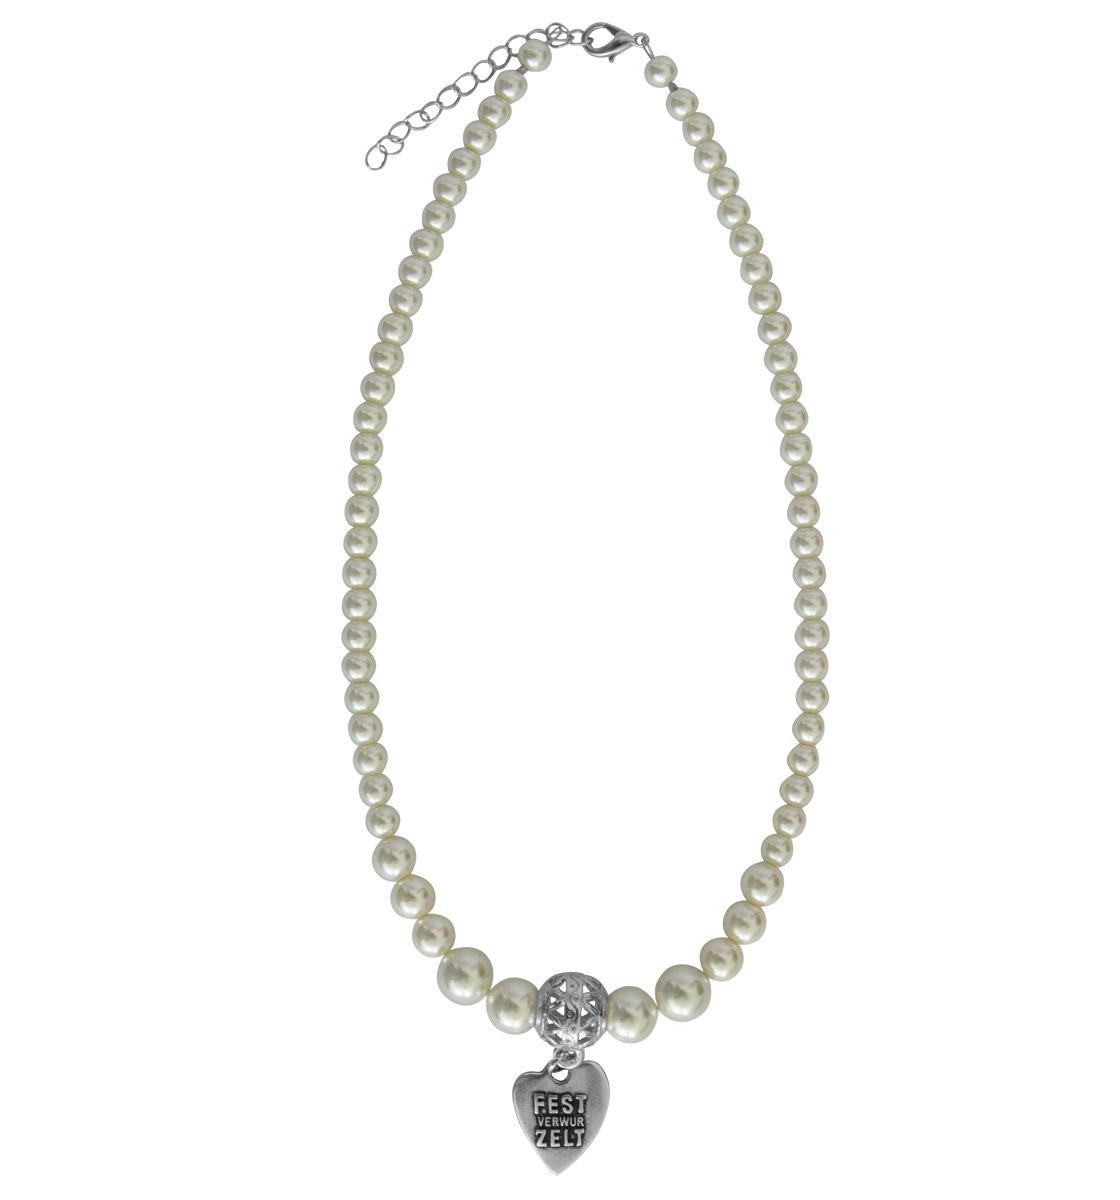 FESTverwurZELT - Perlenkette